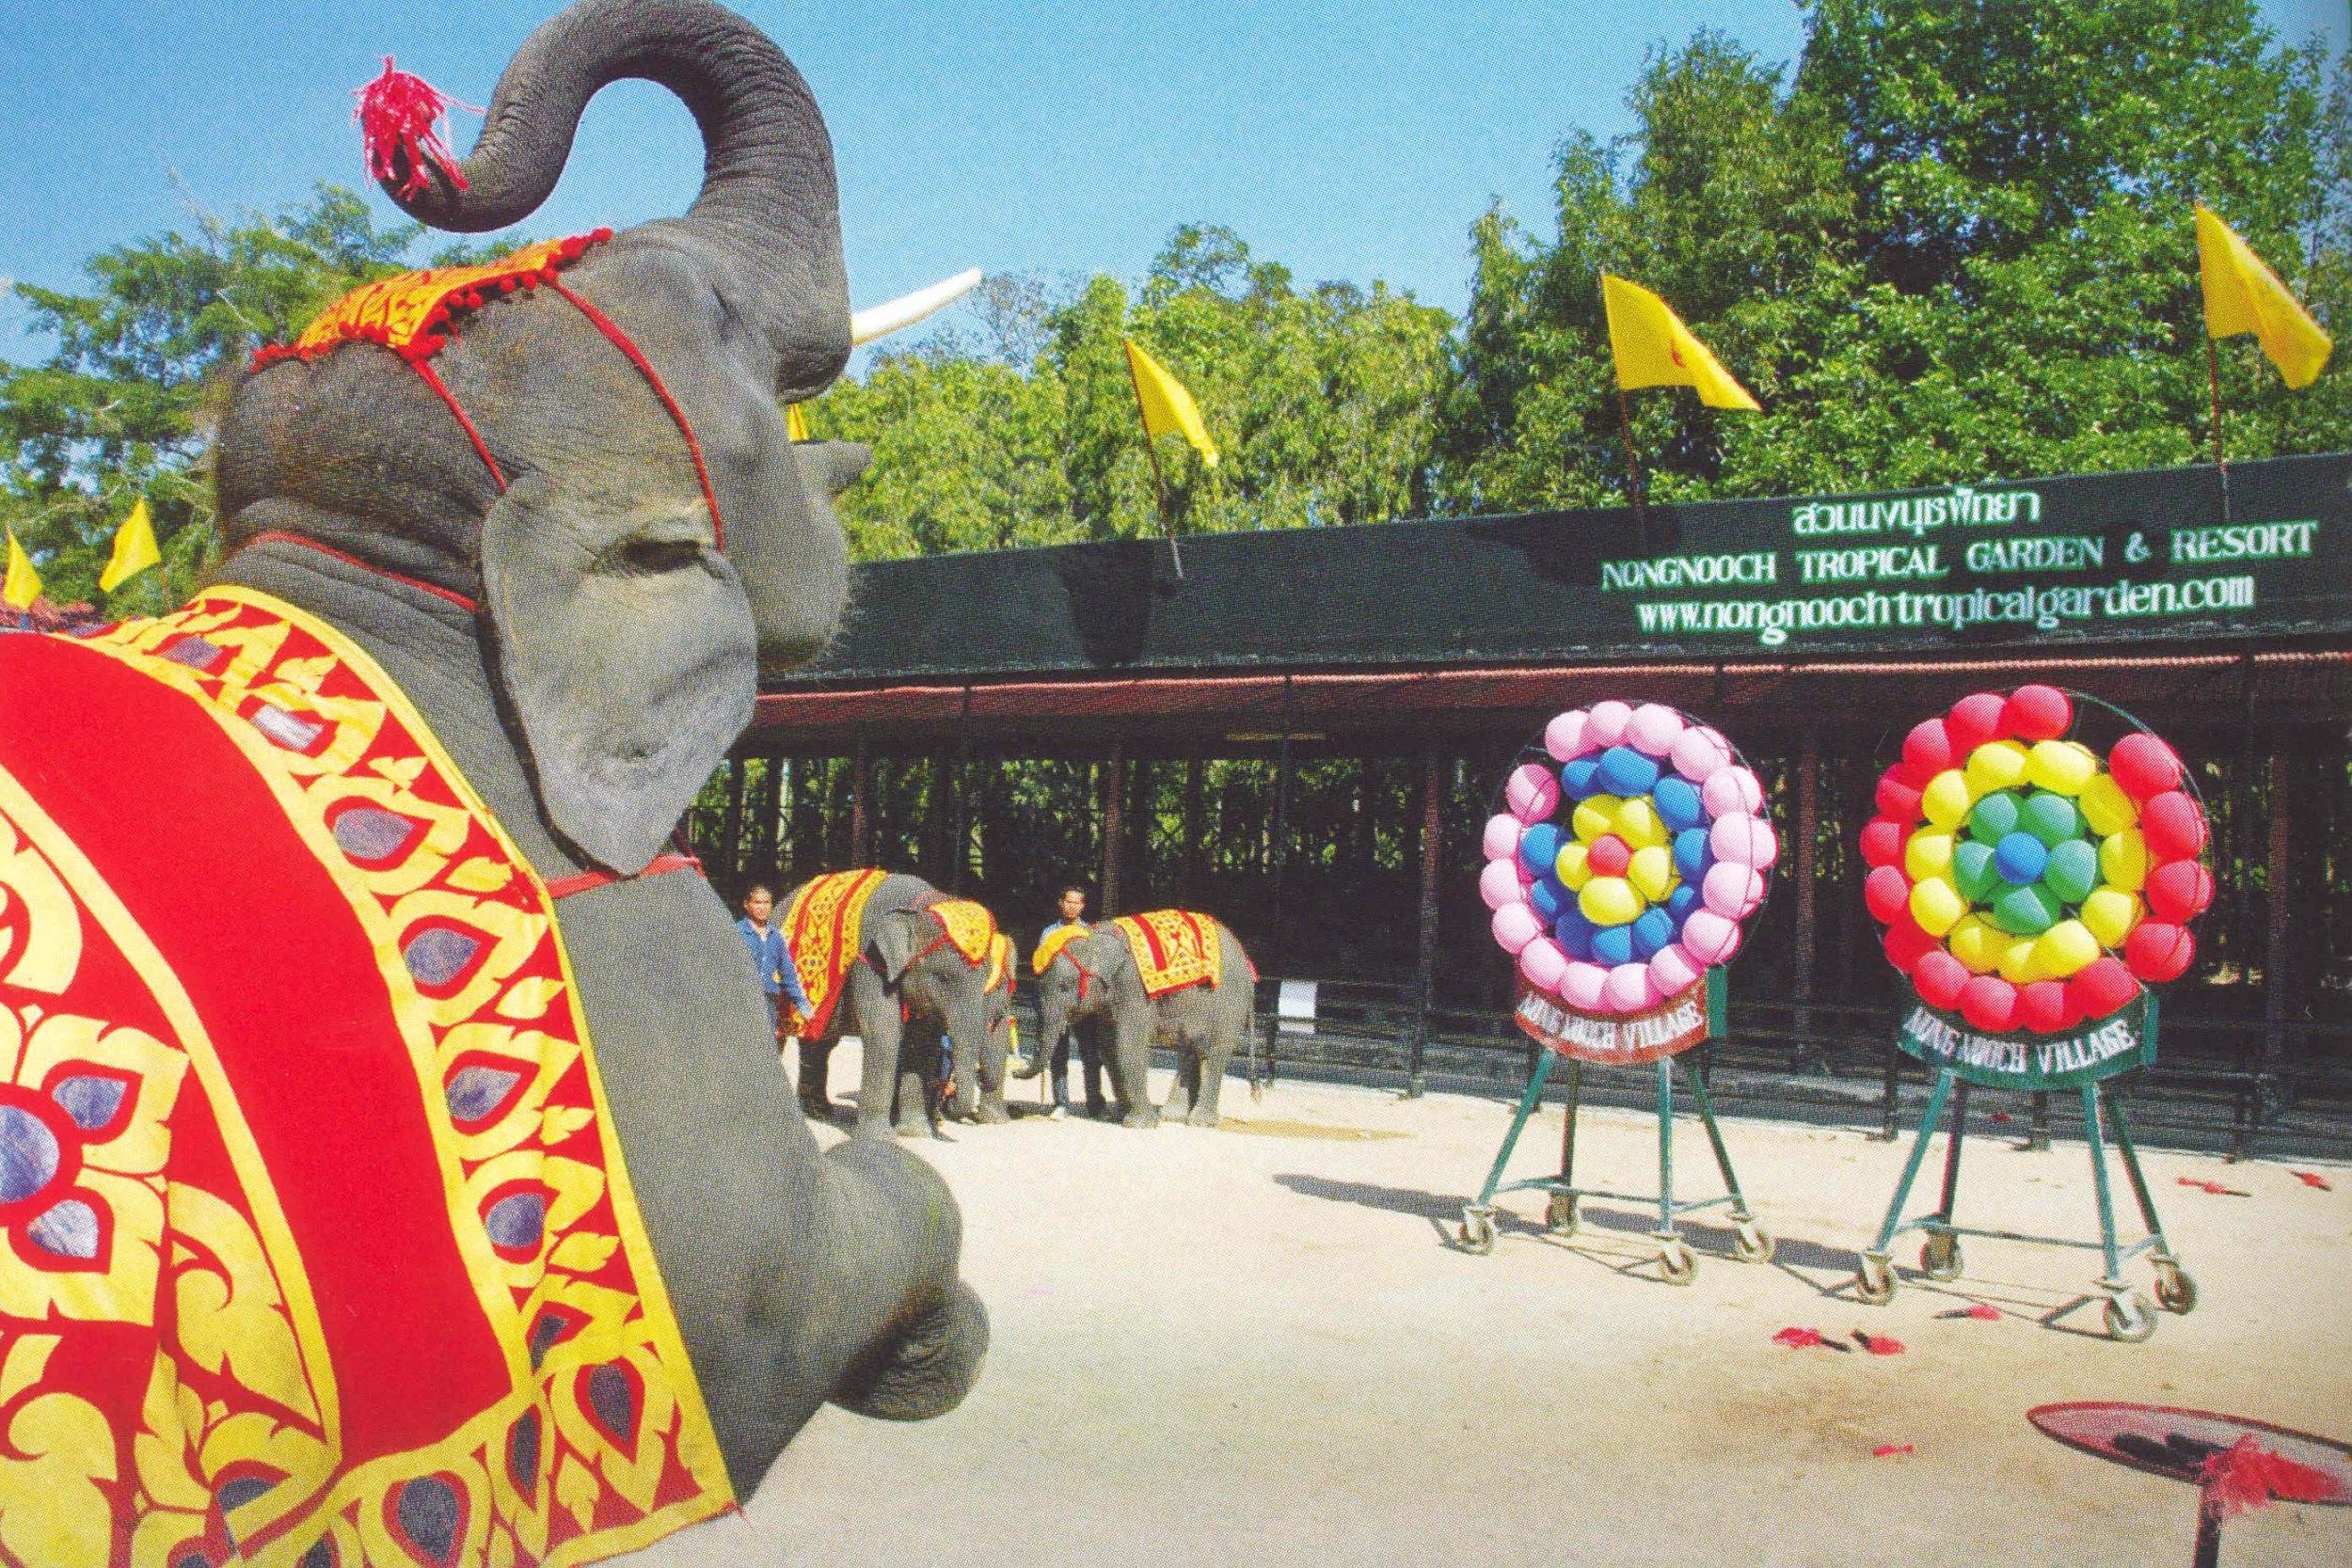 Màn trình diễn của những chú voi đáng yêu sẽ khiến nhiều người thích thú